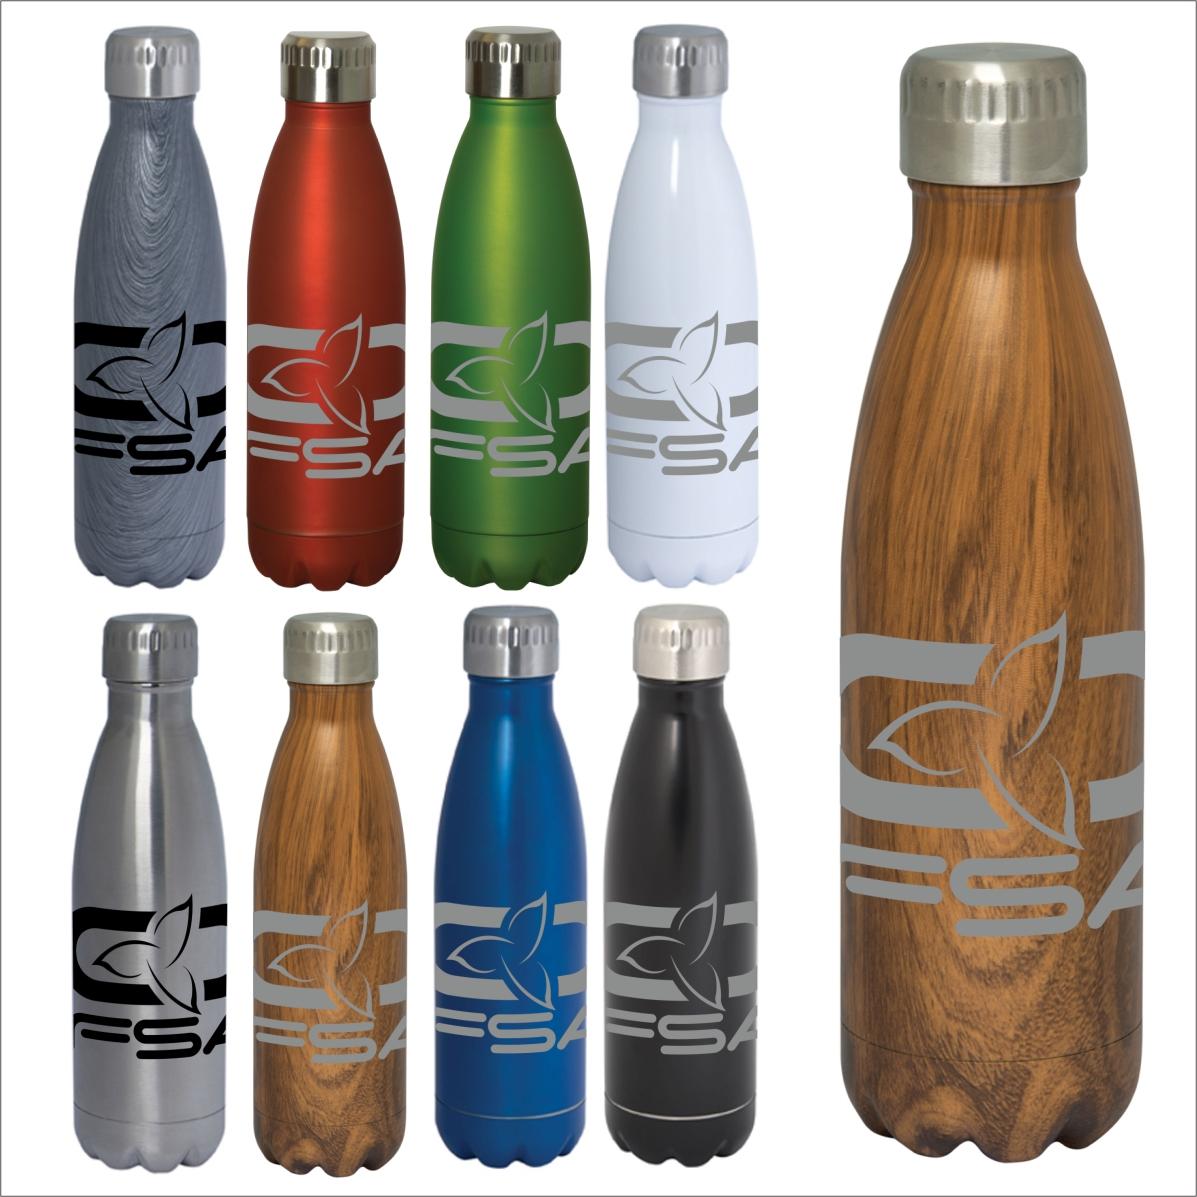 Swell bottles wrap.jpg